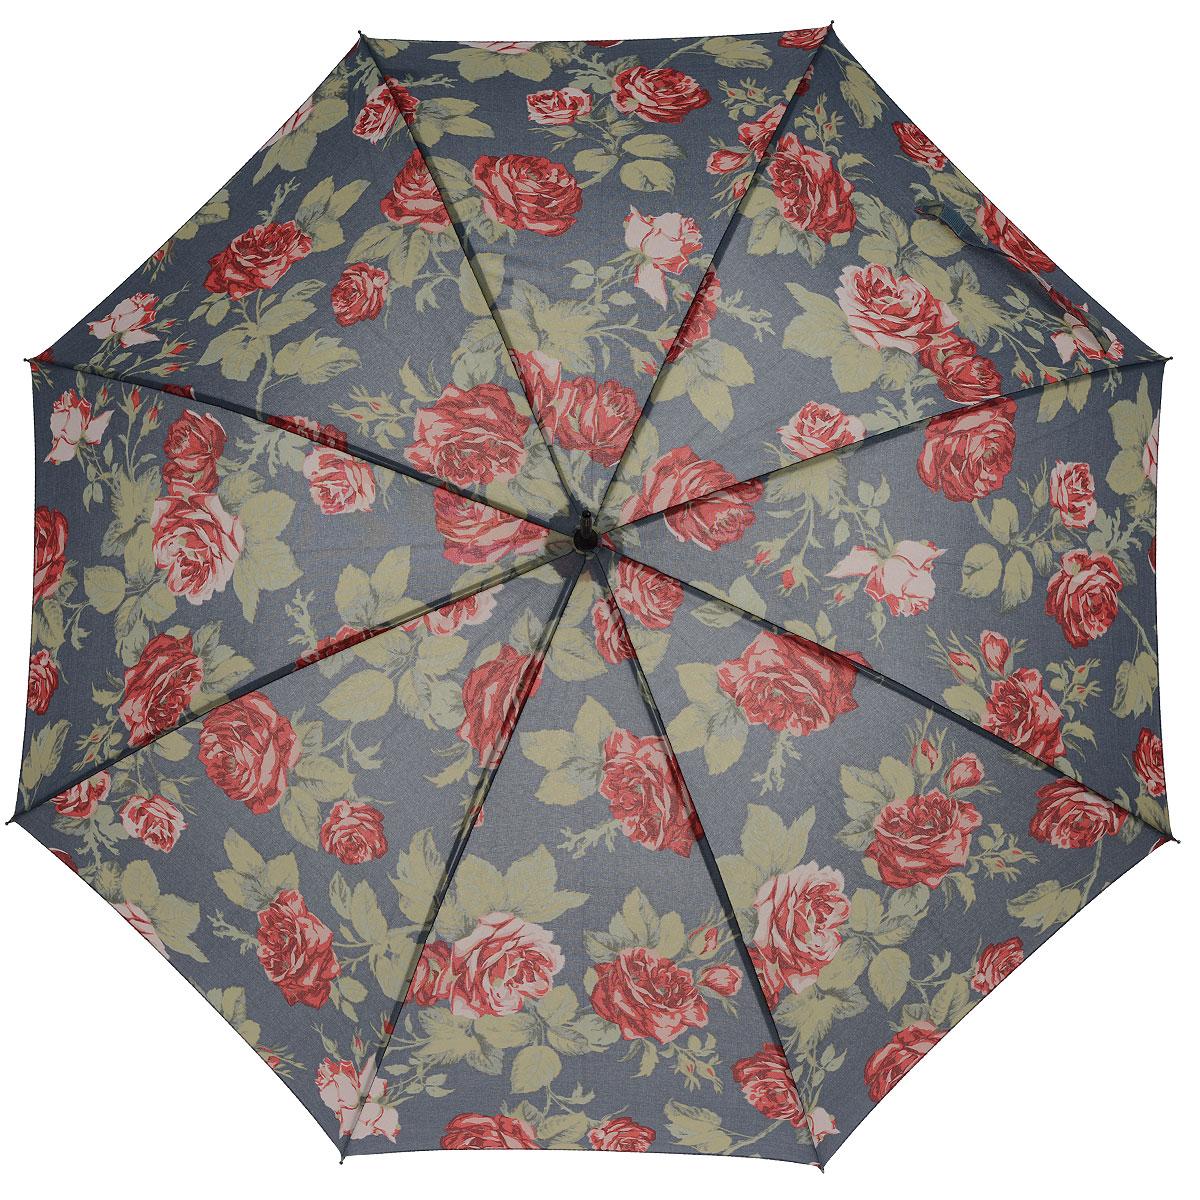 Зонт-трость женский Antique Rose Blue, полуавтомат, цвет: синий, красныйL755 2F2380Стильный полуавтоматический зонт-трость Antique Rose Blue даже в ненастную погоду позволит вам оставаться элегантной. Каркас зонта выполнен из 8 спиц, стержень изготовлен из стали. Купол зонта выполнен из прочного полиэстера синего цвета и оформлен принтом в виде красных роз. Рукоятка закругленной формы разработана с учетом требований эргономики и обтянута искусственной кожей. Зонт имеет полуавтоматический механизм сложения: купол открывается нажатием кнопки на рукоятке, а закрывается вручную до характерного щелчка. Такой зонт не только надежно защитит вас от дождя, но и станет стильным аксессуаром.